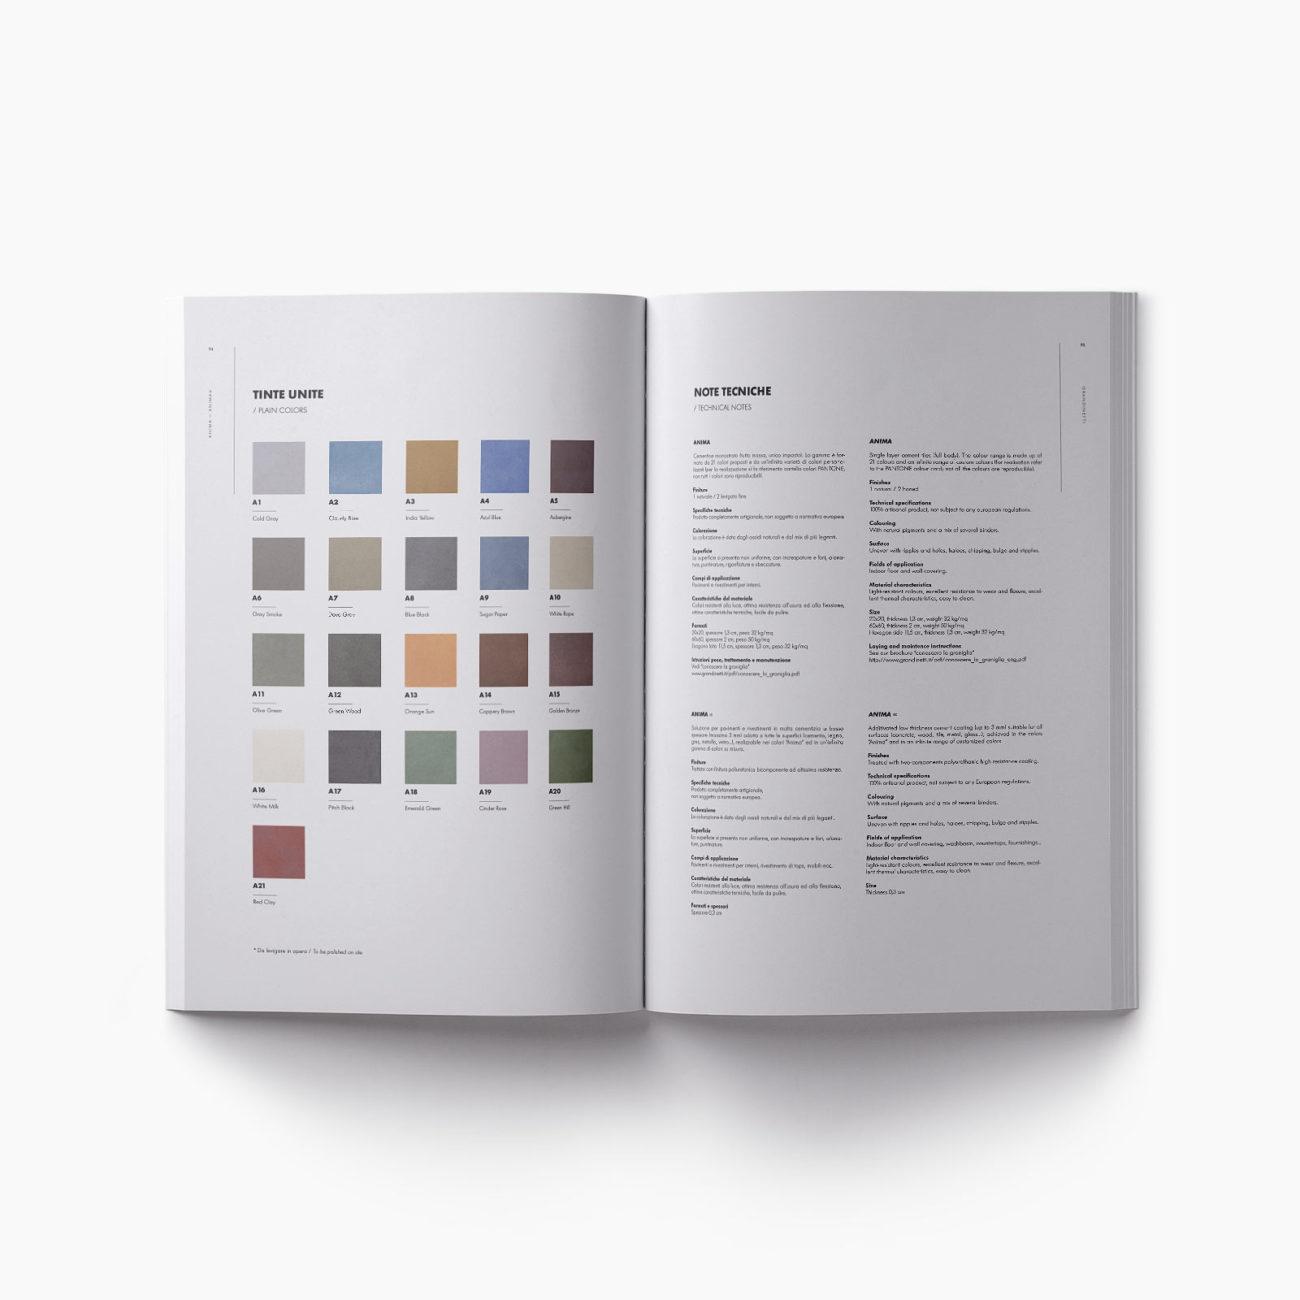 Pagine catalogo tinte unite